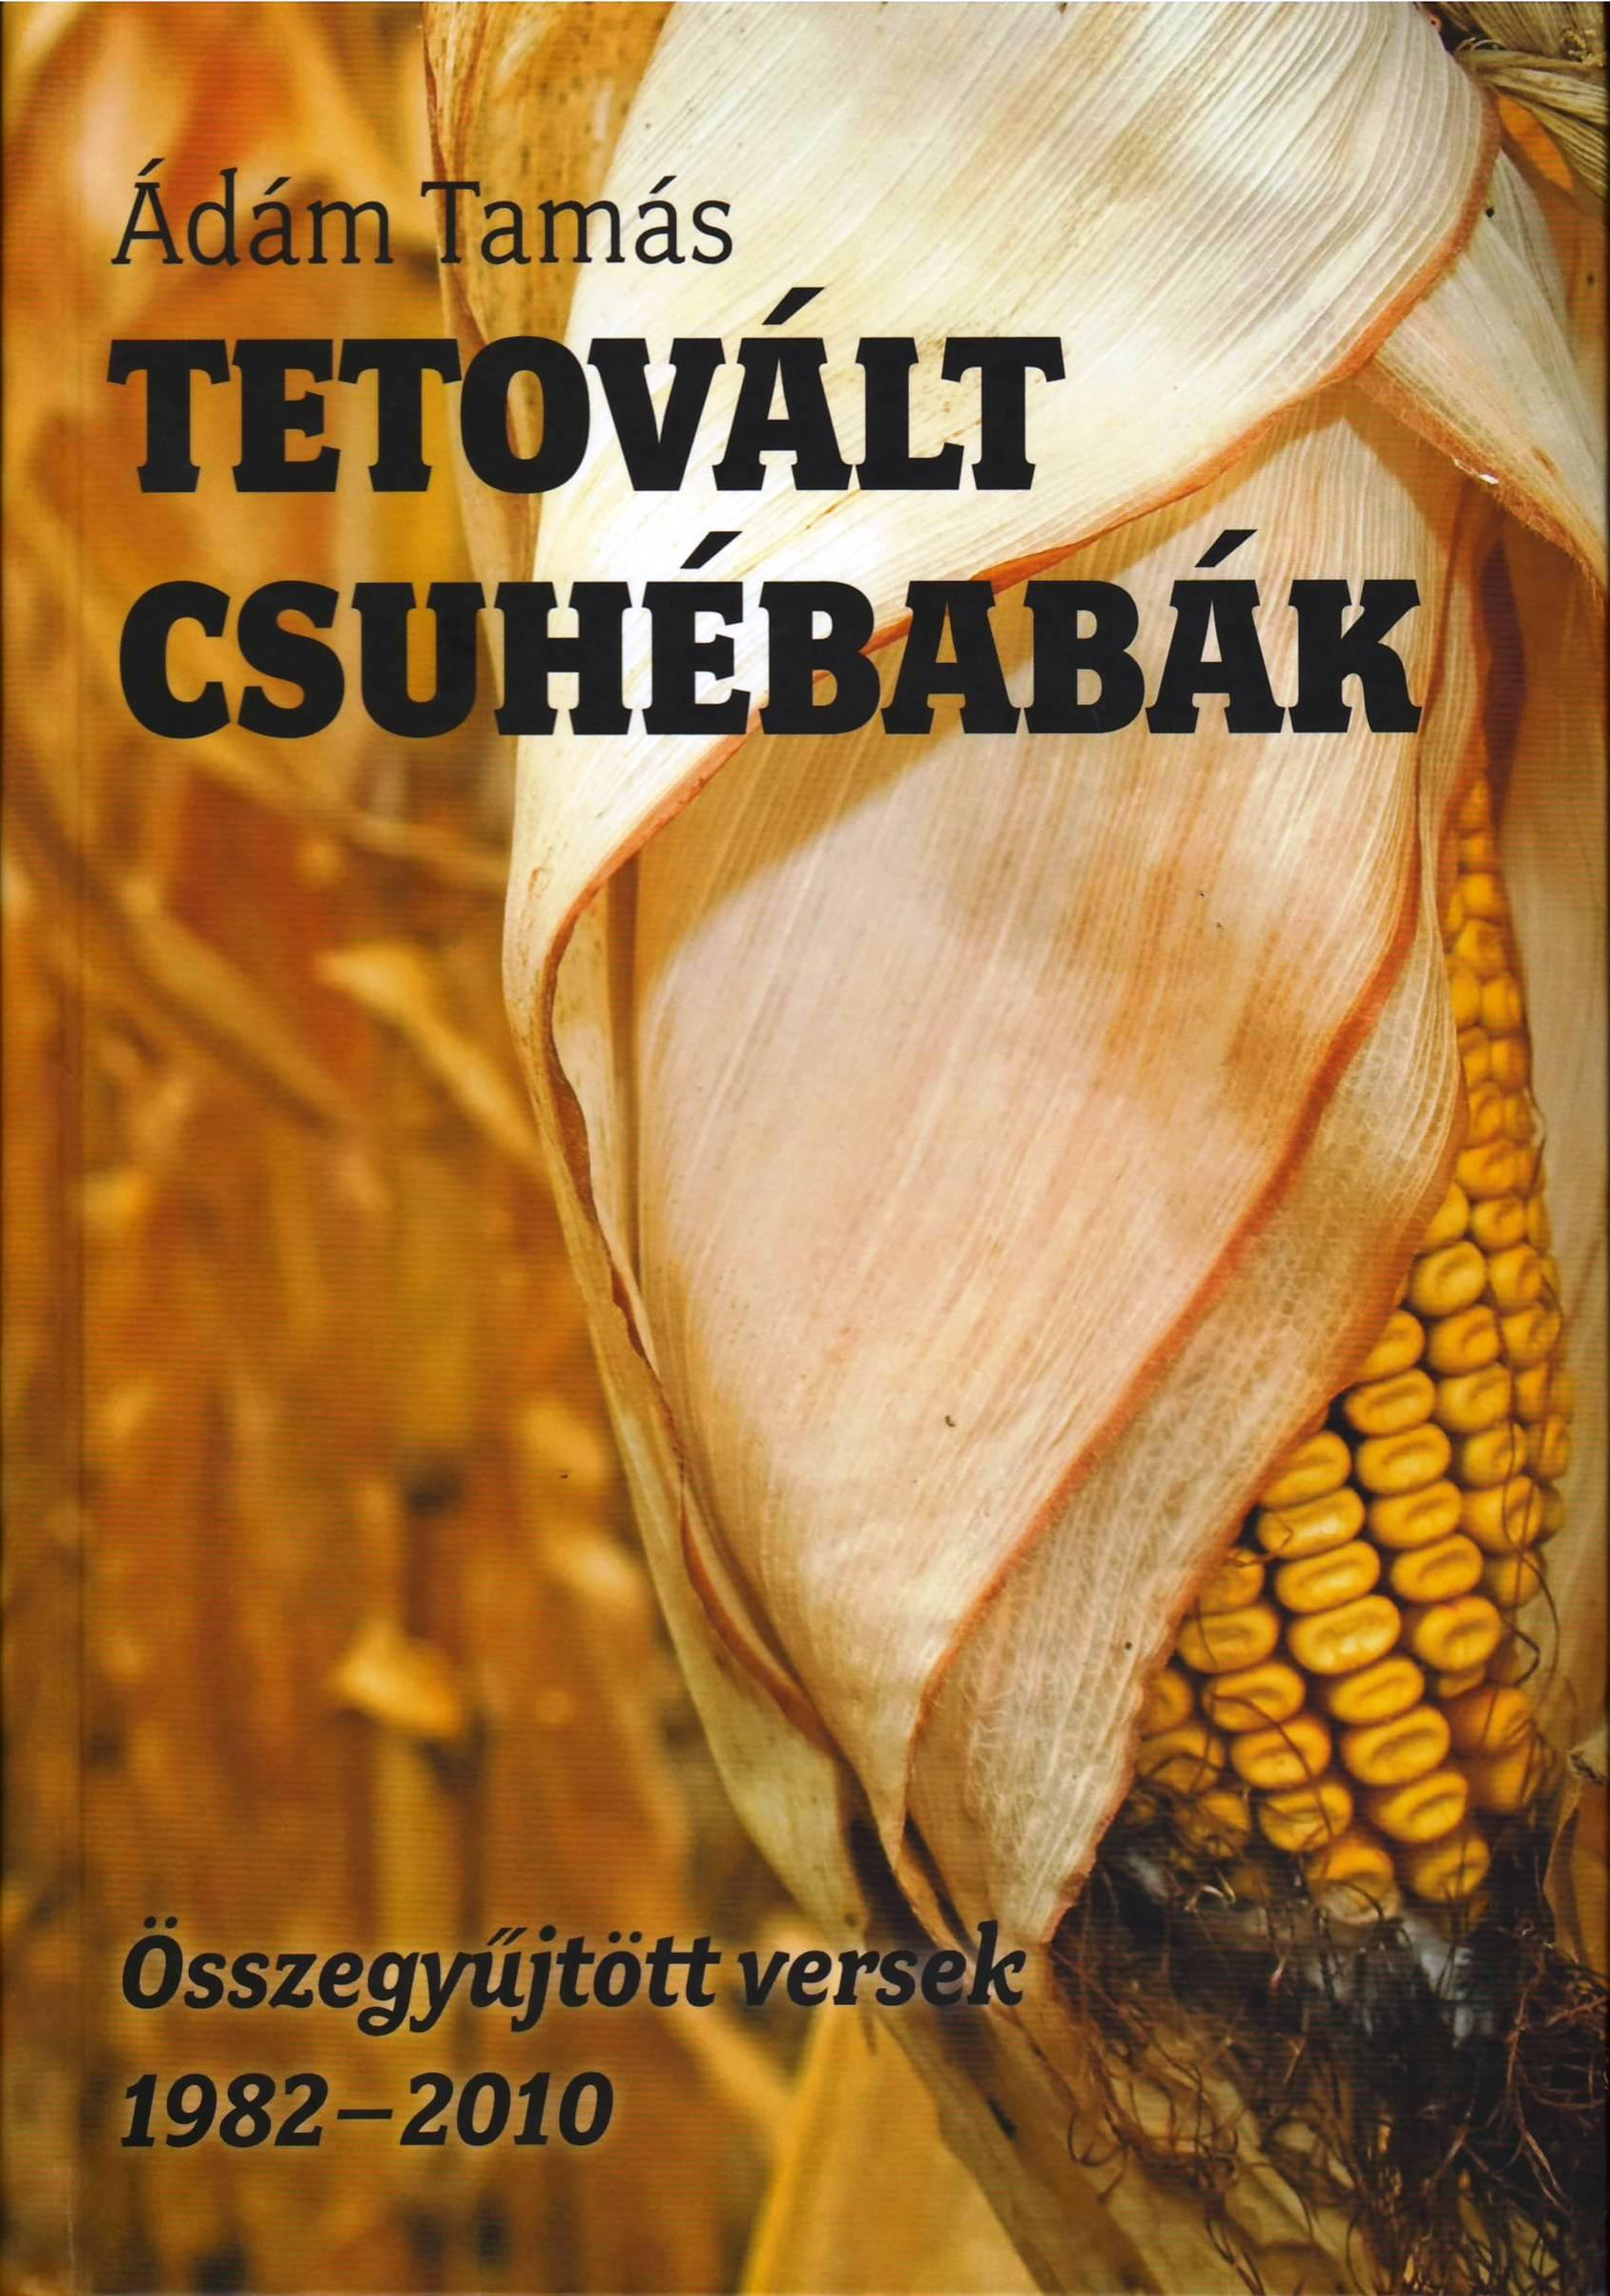 TETOVÁLT CSUHÉBABÁK - ÖSSZEGYŰJTÖTT VERSEK 1982-2010